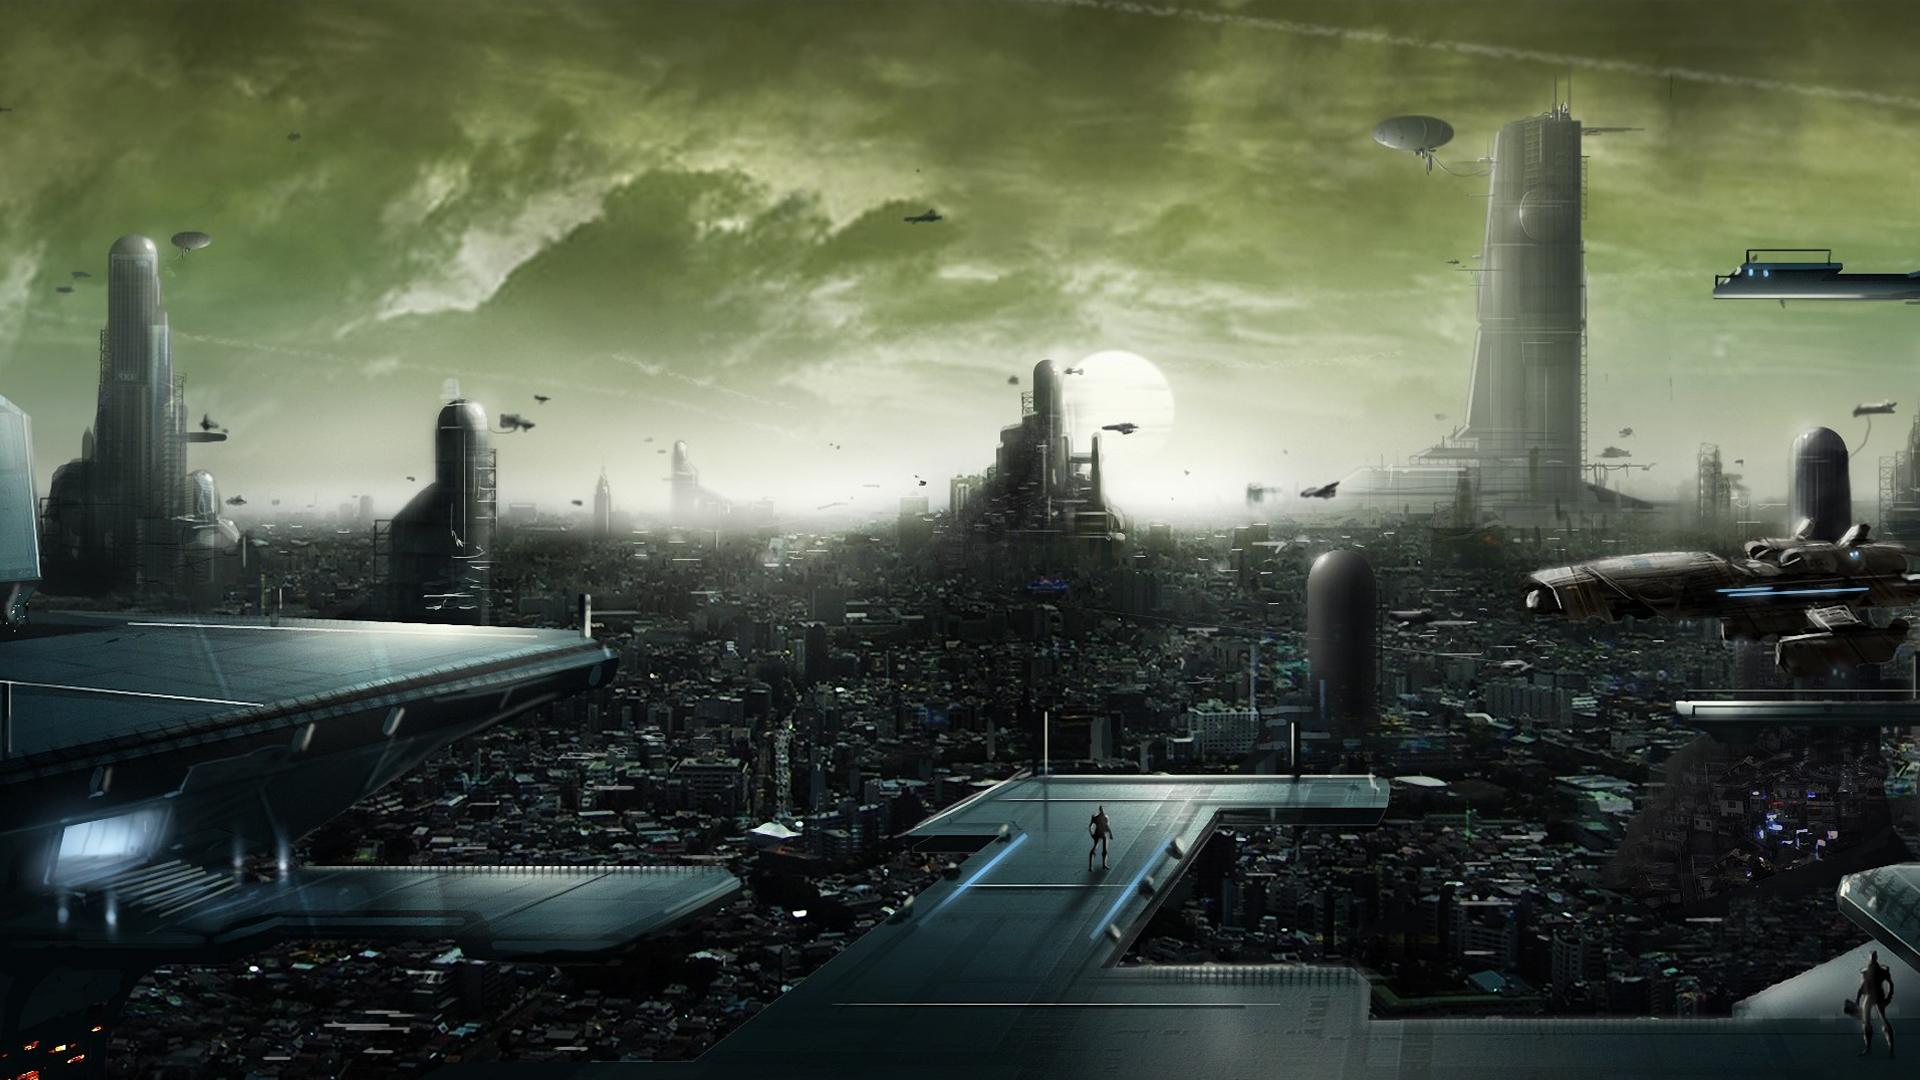 Sci fi art cities futuristic wallpaper 1920x1080 29005 1920x1080